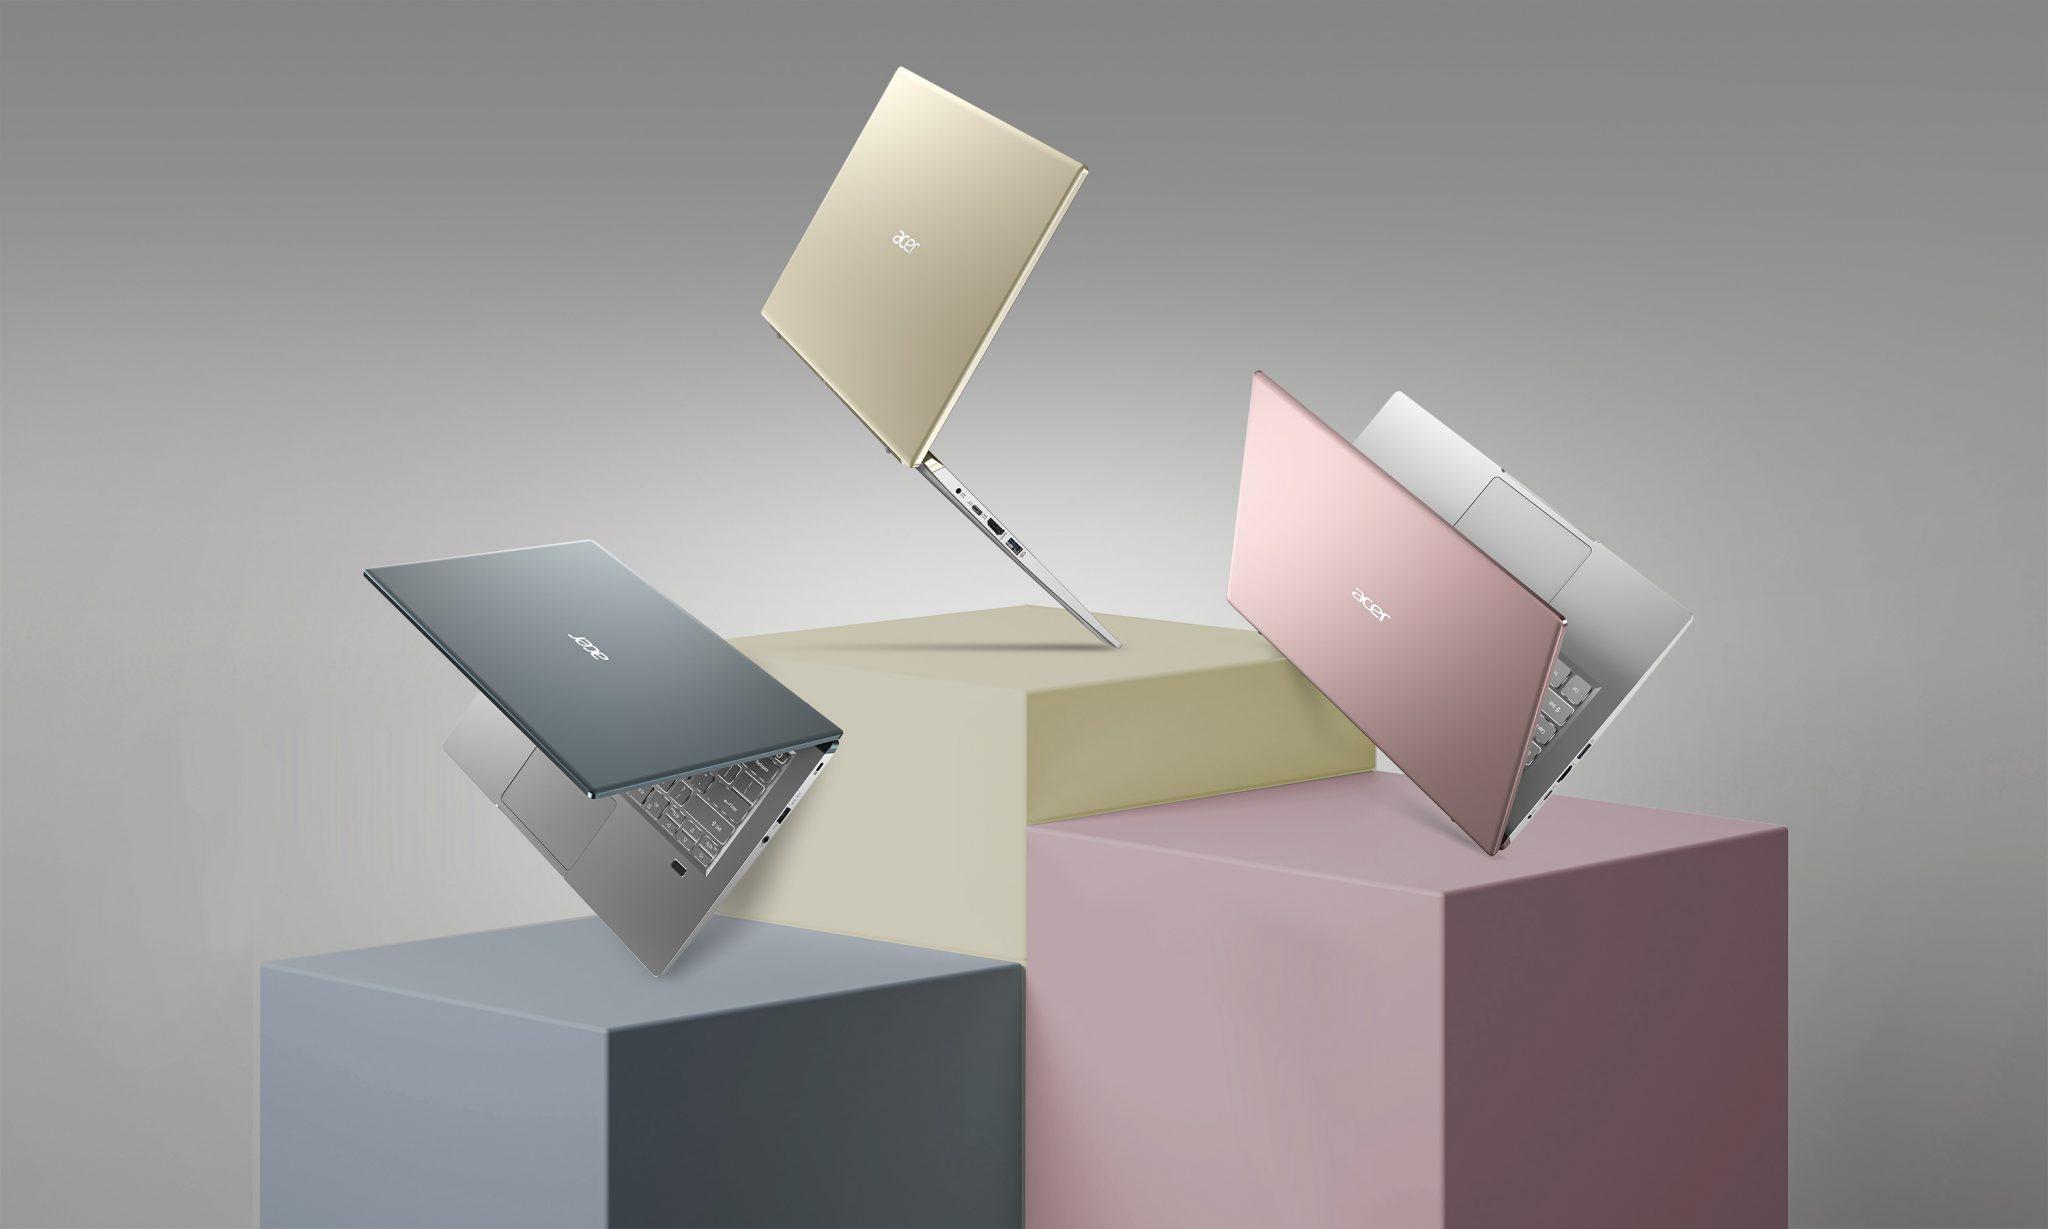 Acer Swift X vorgestellt: Klein, stylisch und mit viel Leistung